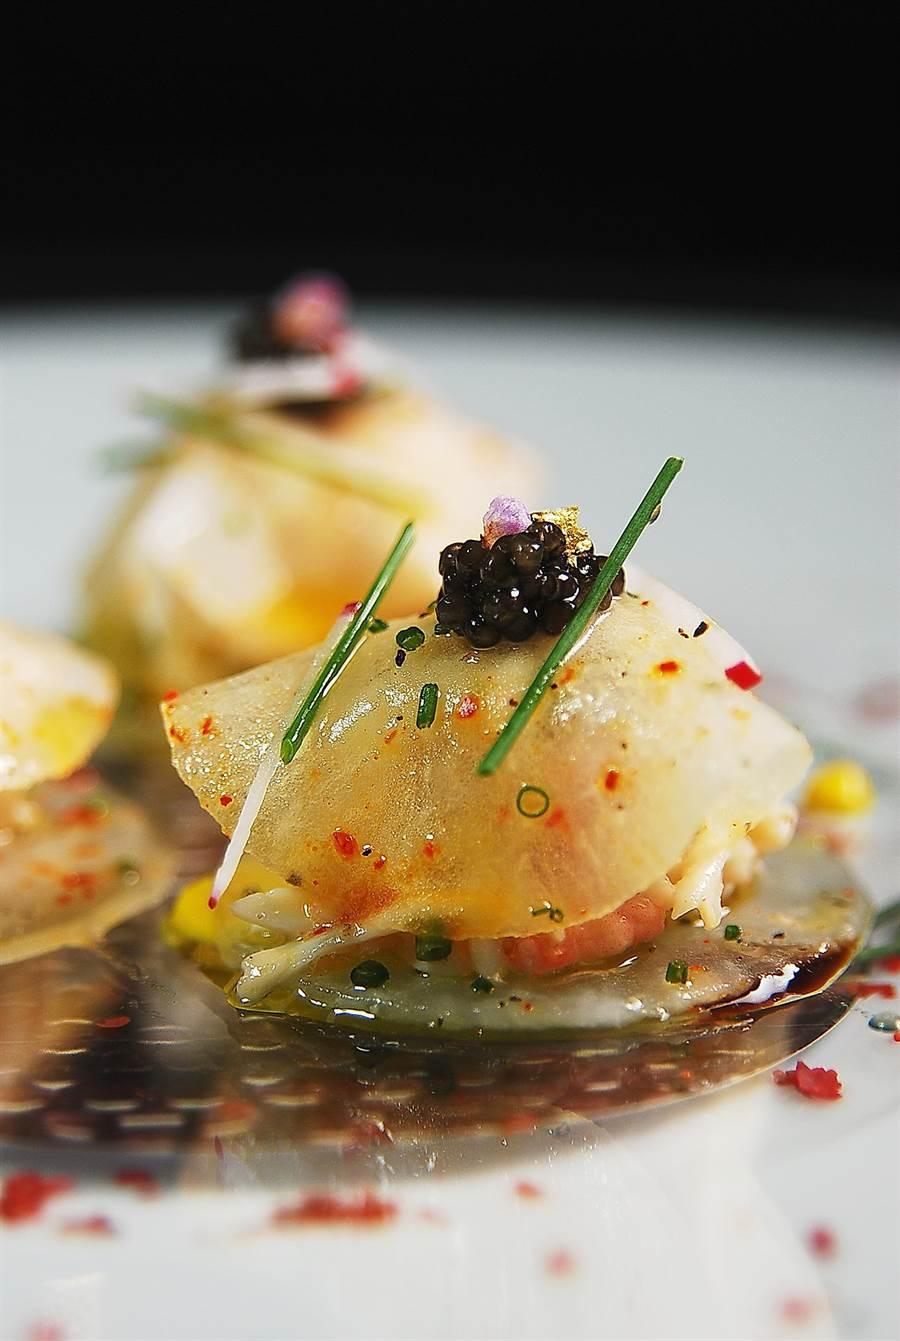 侯布雄廚藝團隊演繹的〈經典魚子醬綴蘿蔔蟹肉義大利餃〉,以日本料理常見食材大根片薄取代麵粉製作的餃子皮。(圖/姚舜攝)